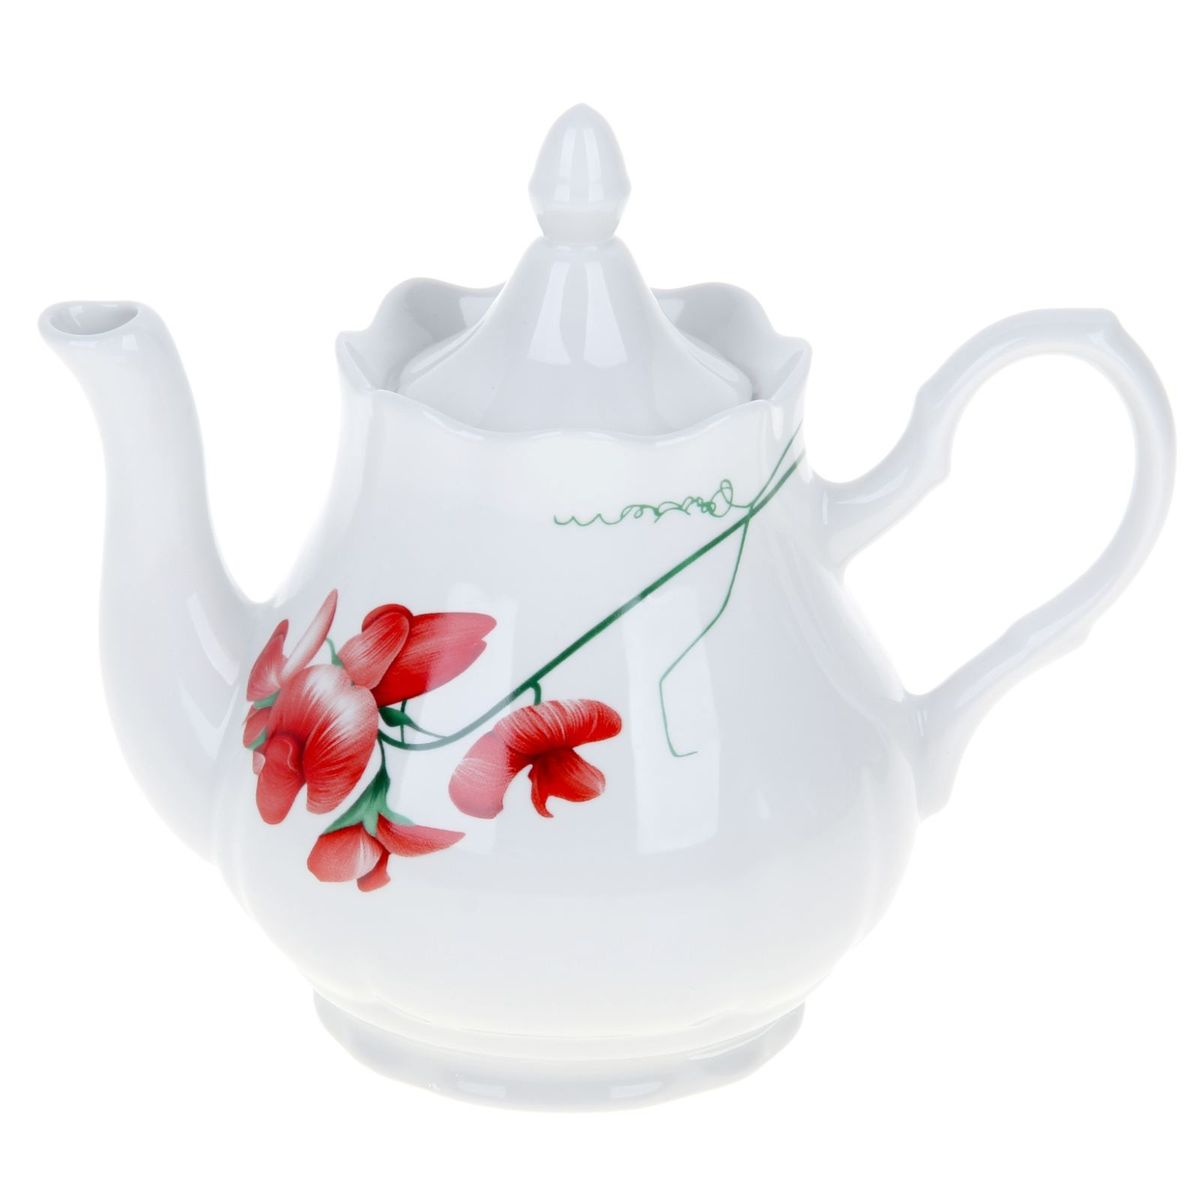 Чайник Добрушский фарфоровый завод Романс. Рубин, 1,75 л1224536Заварочный чайник Романс. Рубин выполнен из высококачественного фарфора и покрыт сверкающей глазурью. Изделие оснащено крышкой. Заварочный чайник Романс. Рубин придется по вкусу и ценителям классики, и тем, кто предпочитает современный стиль.